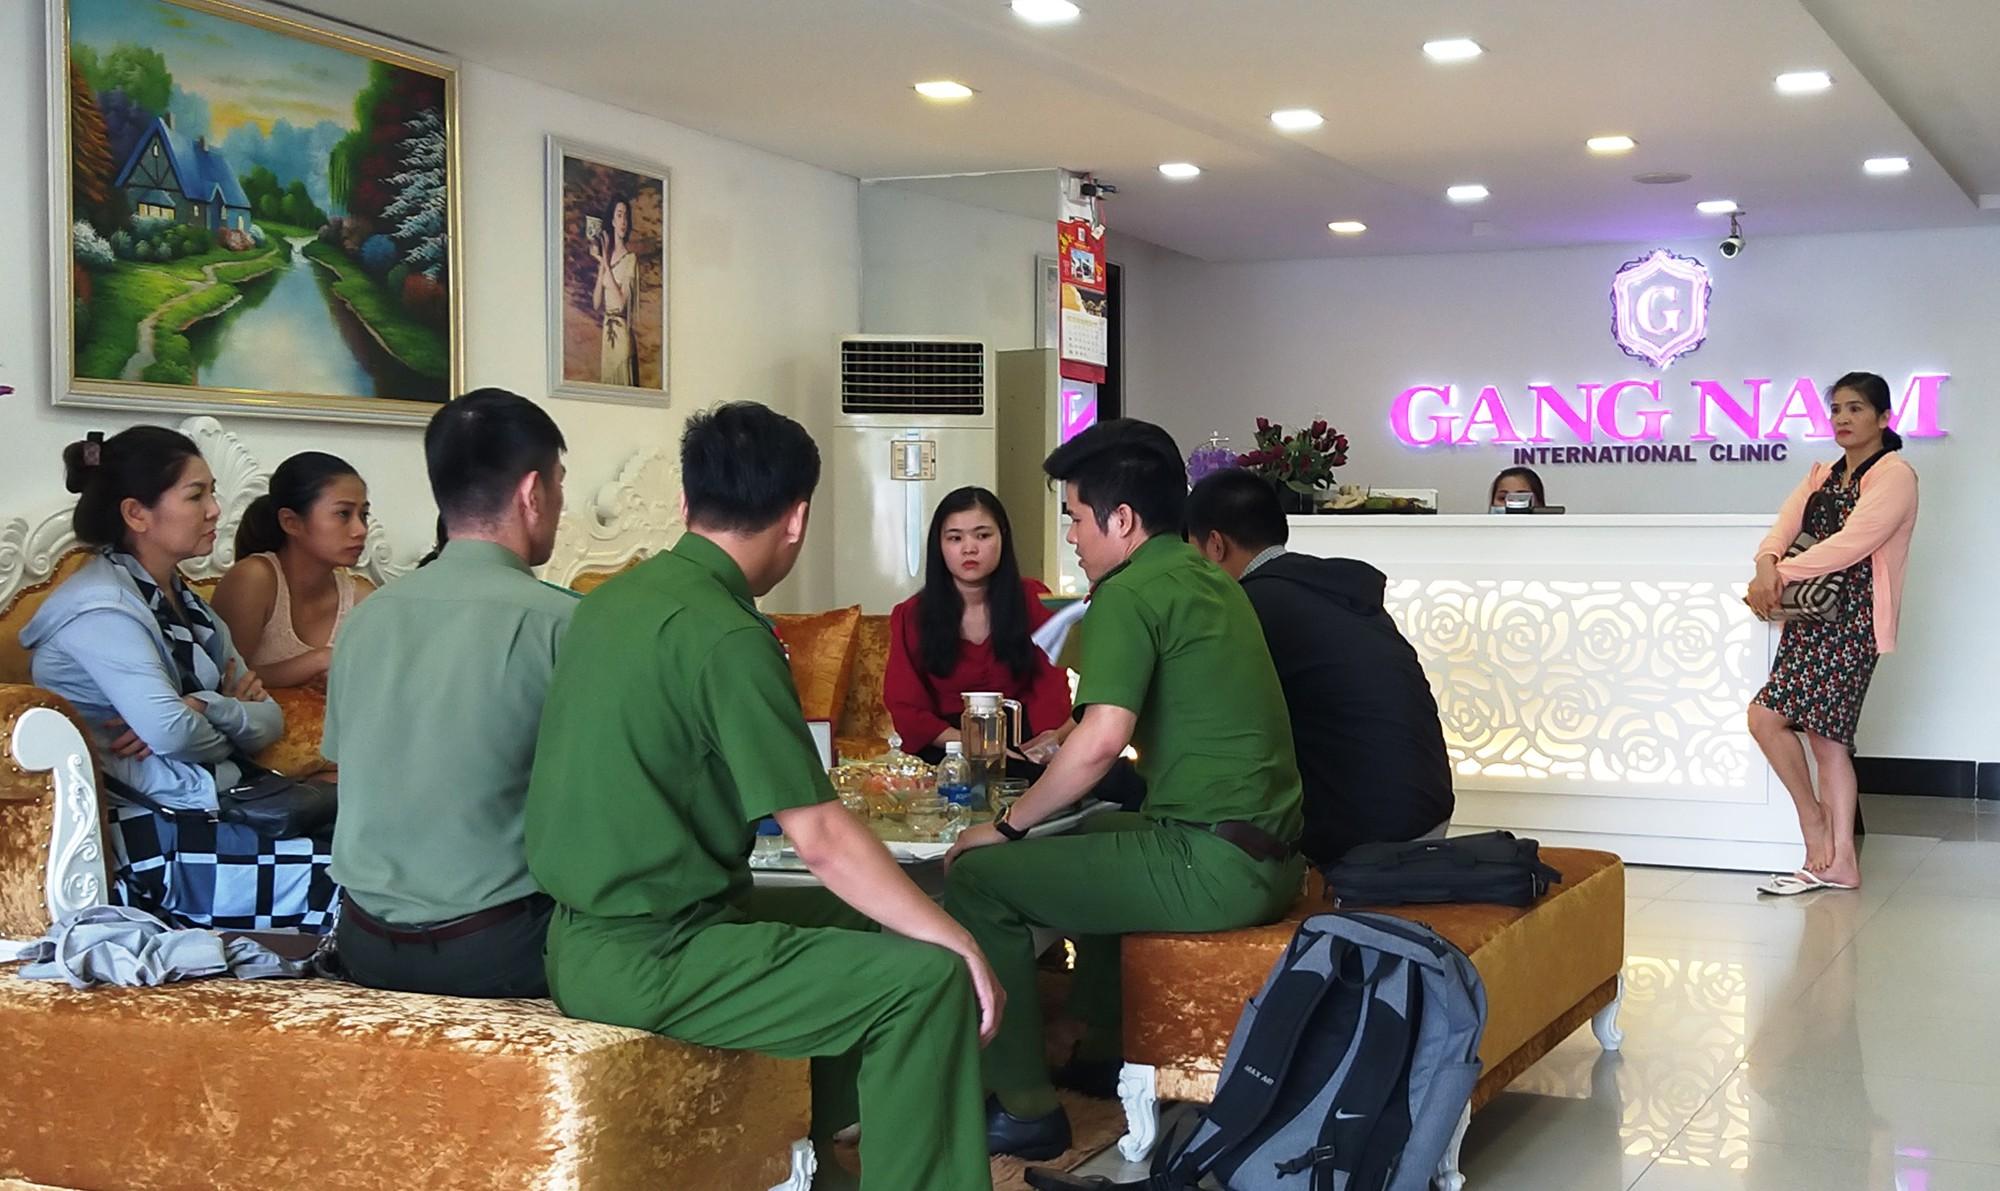 VZN News: 7 phụ nữ kéo đến thẩm mỹ viện ở Đà Nẵng đòi lại tiền vì... làm hoài mà không thấy đẹp - Ảnh 1.